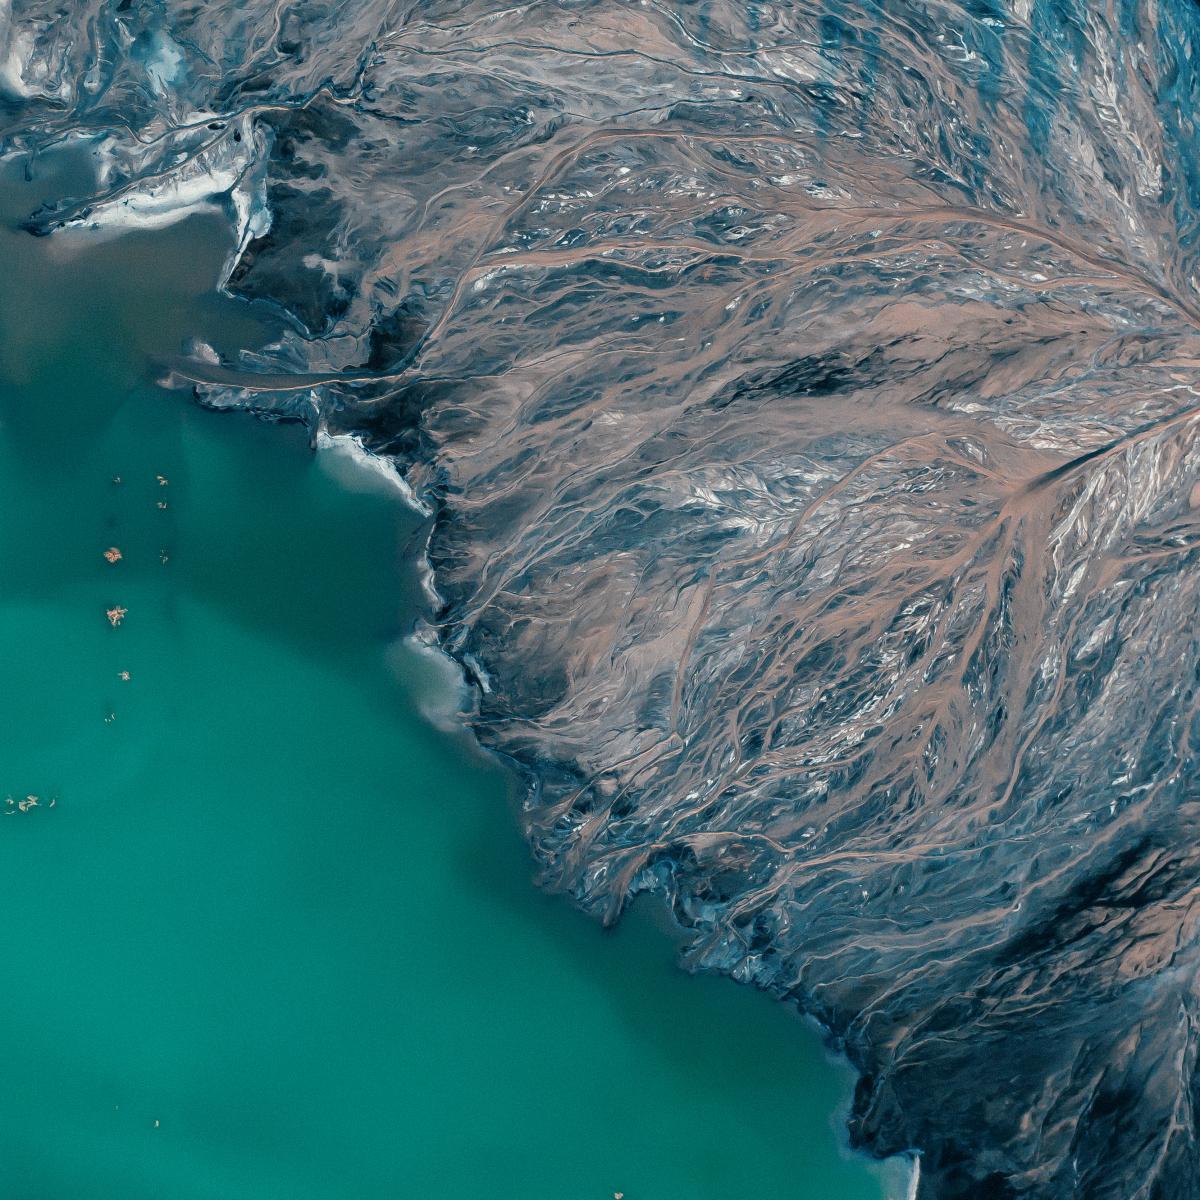 Ice Water Ocean #420010